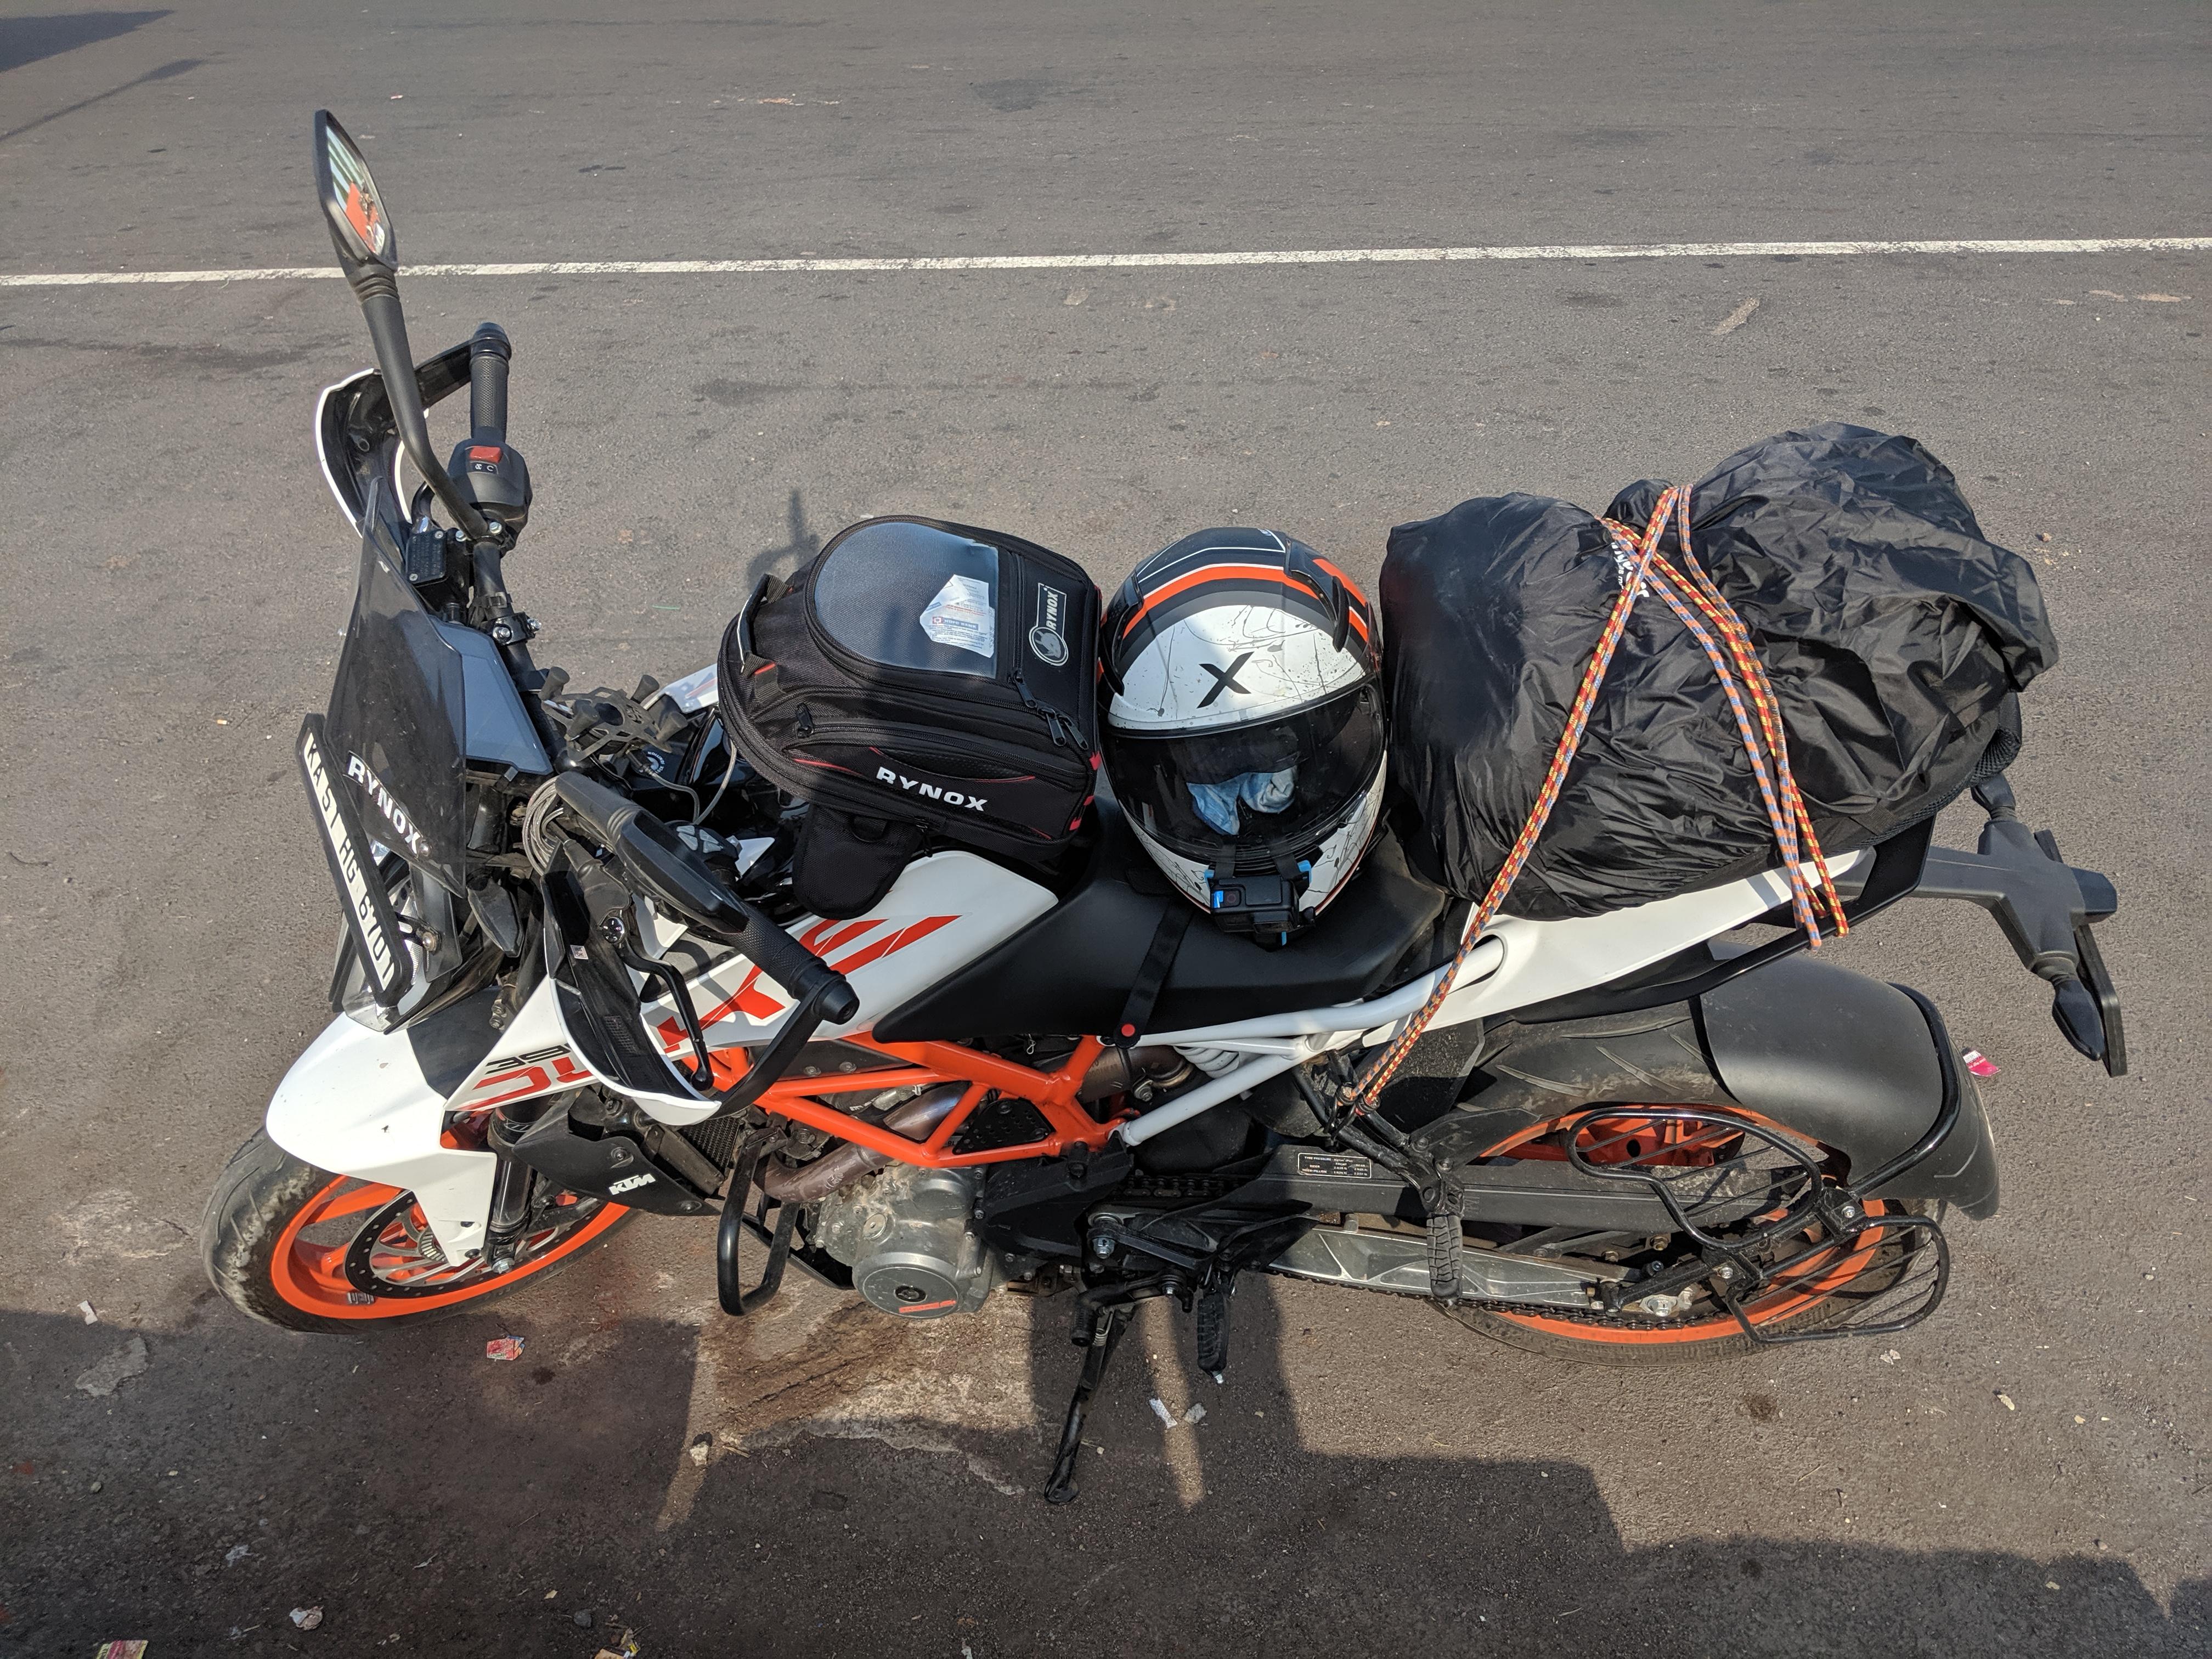 Ride image by Ashish Santikari